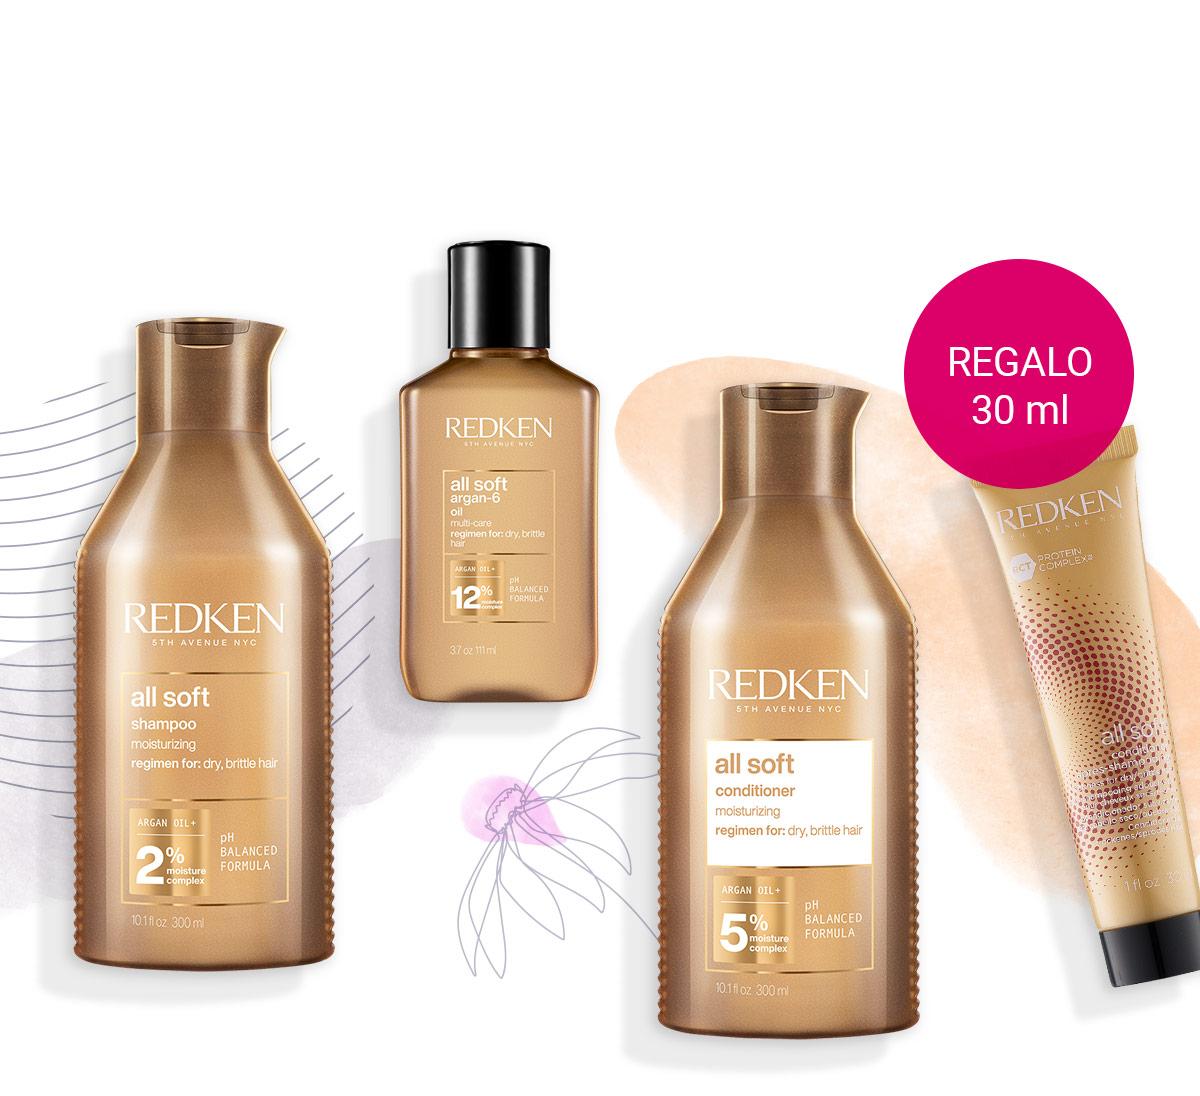 Acquista prodotti Redken oltre 40 € e ricevi un balsamo per capelli.